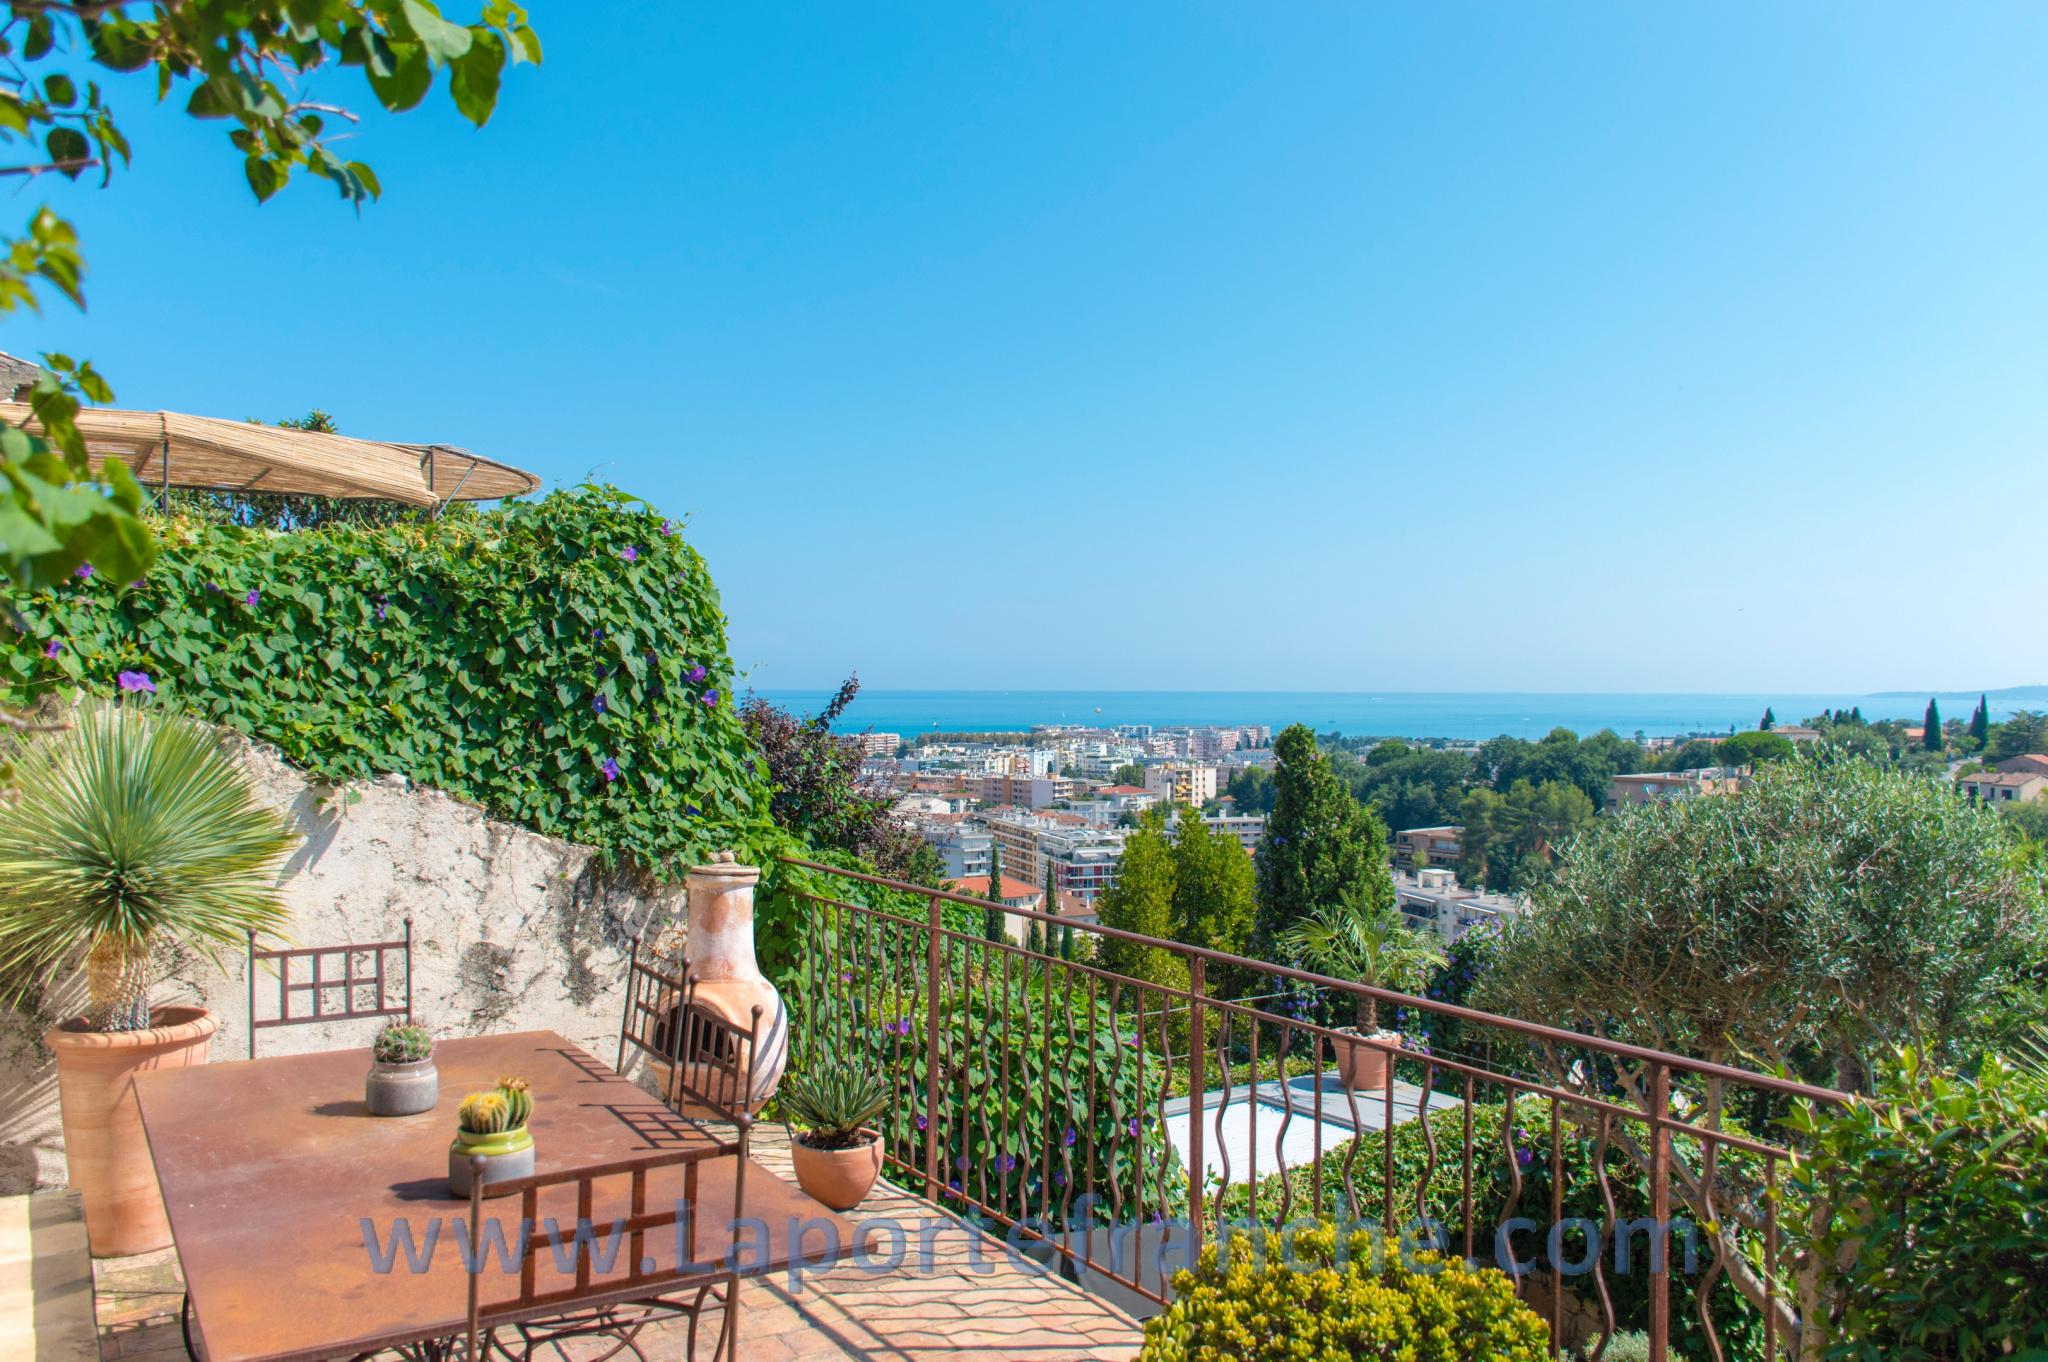 vente appartement cagnes sur mer, villas et maisons à cagnes sur mer